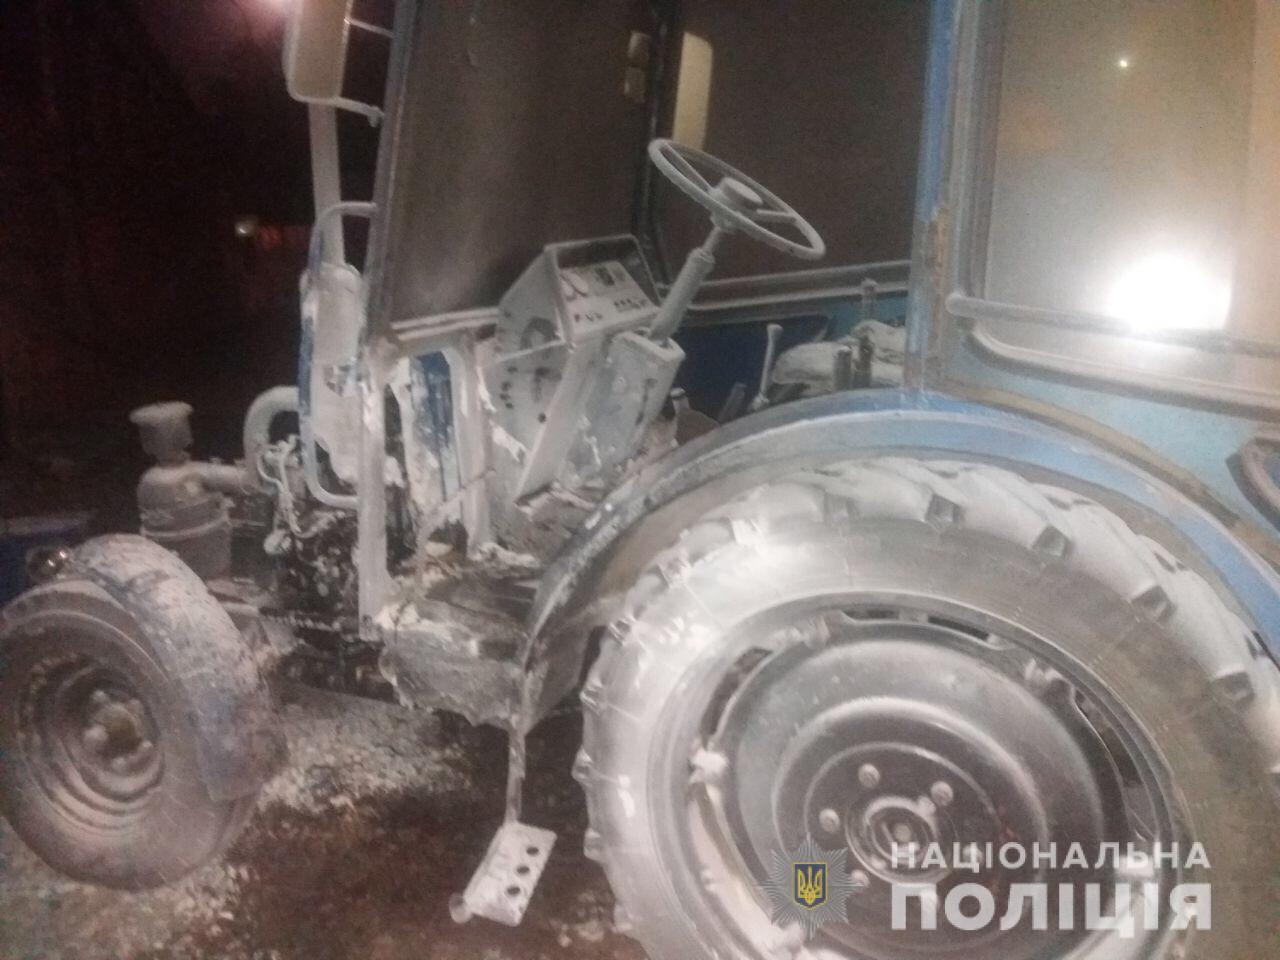 В Харькове на авторынке произошел взрыв (фото)